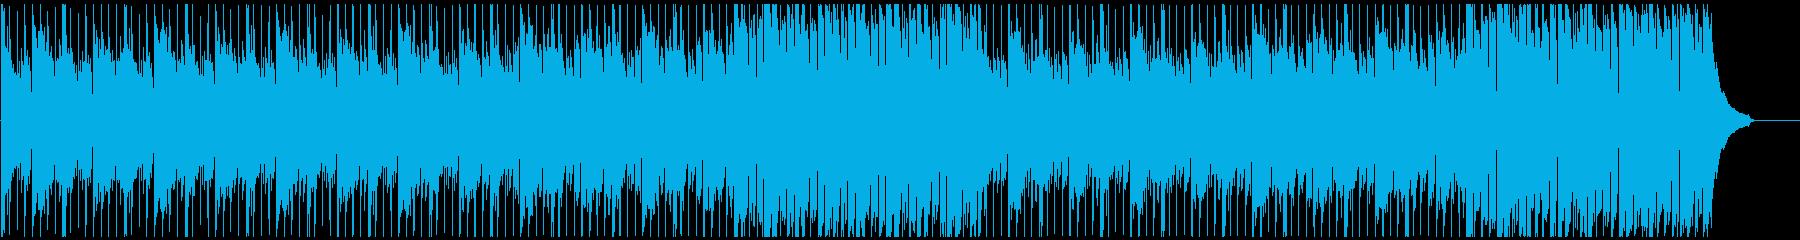 企業VPに わくわくで疾走感のある楽曲の再生済みの波形